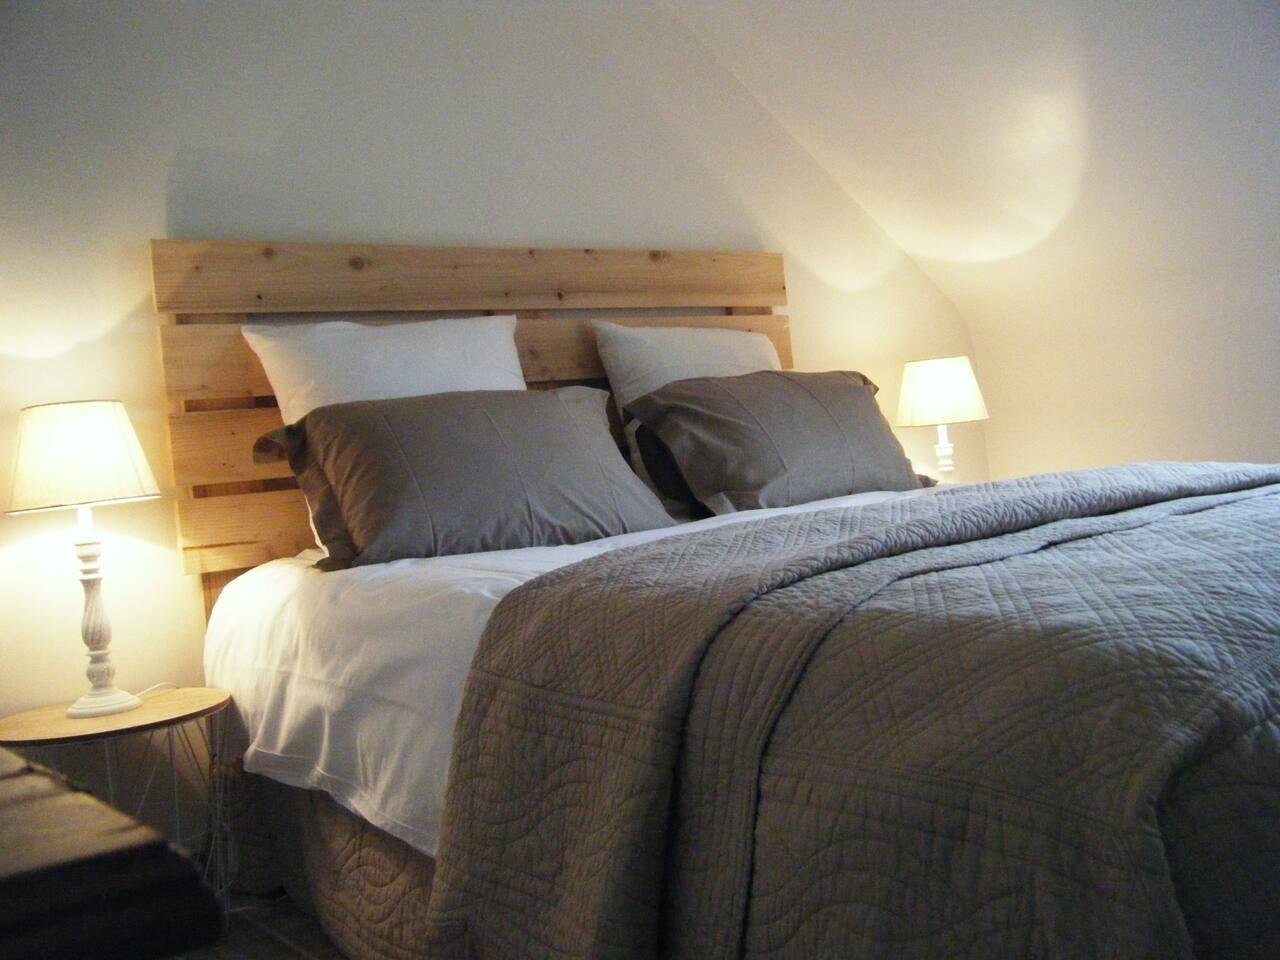 Chambre à coucher lit 160 cm grand confort, oreillers et couette hypoallergénique